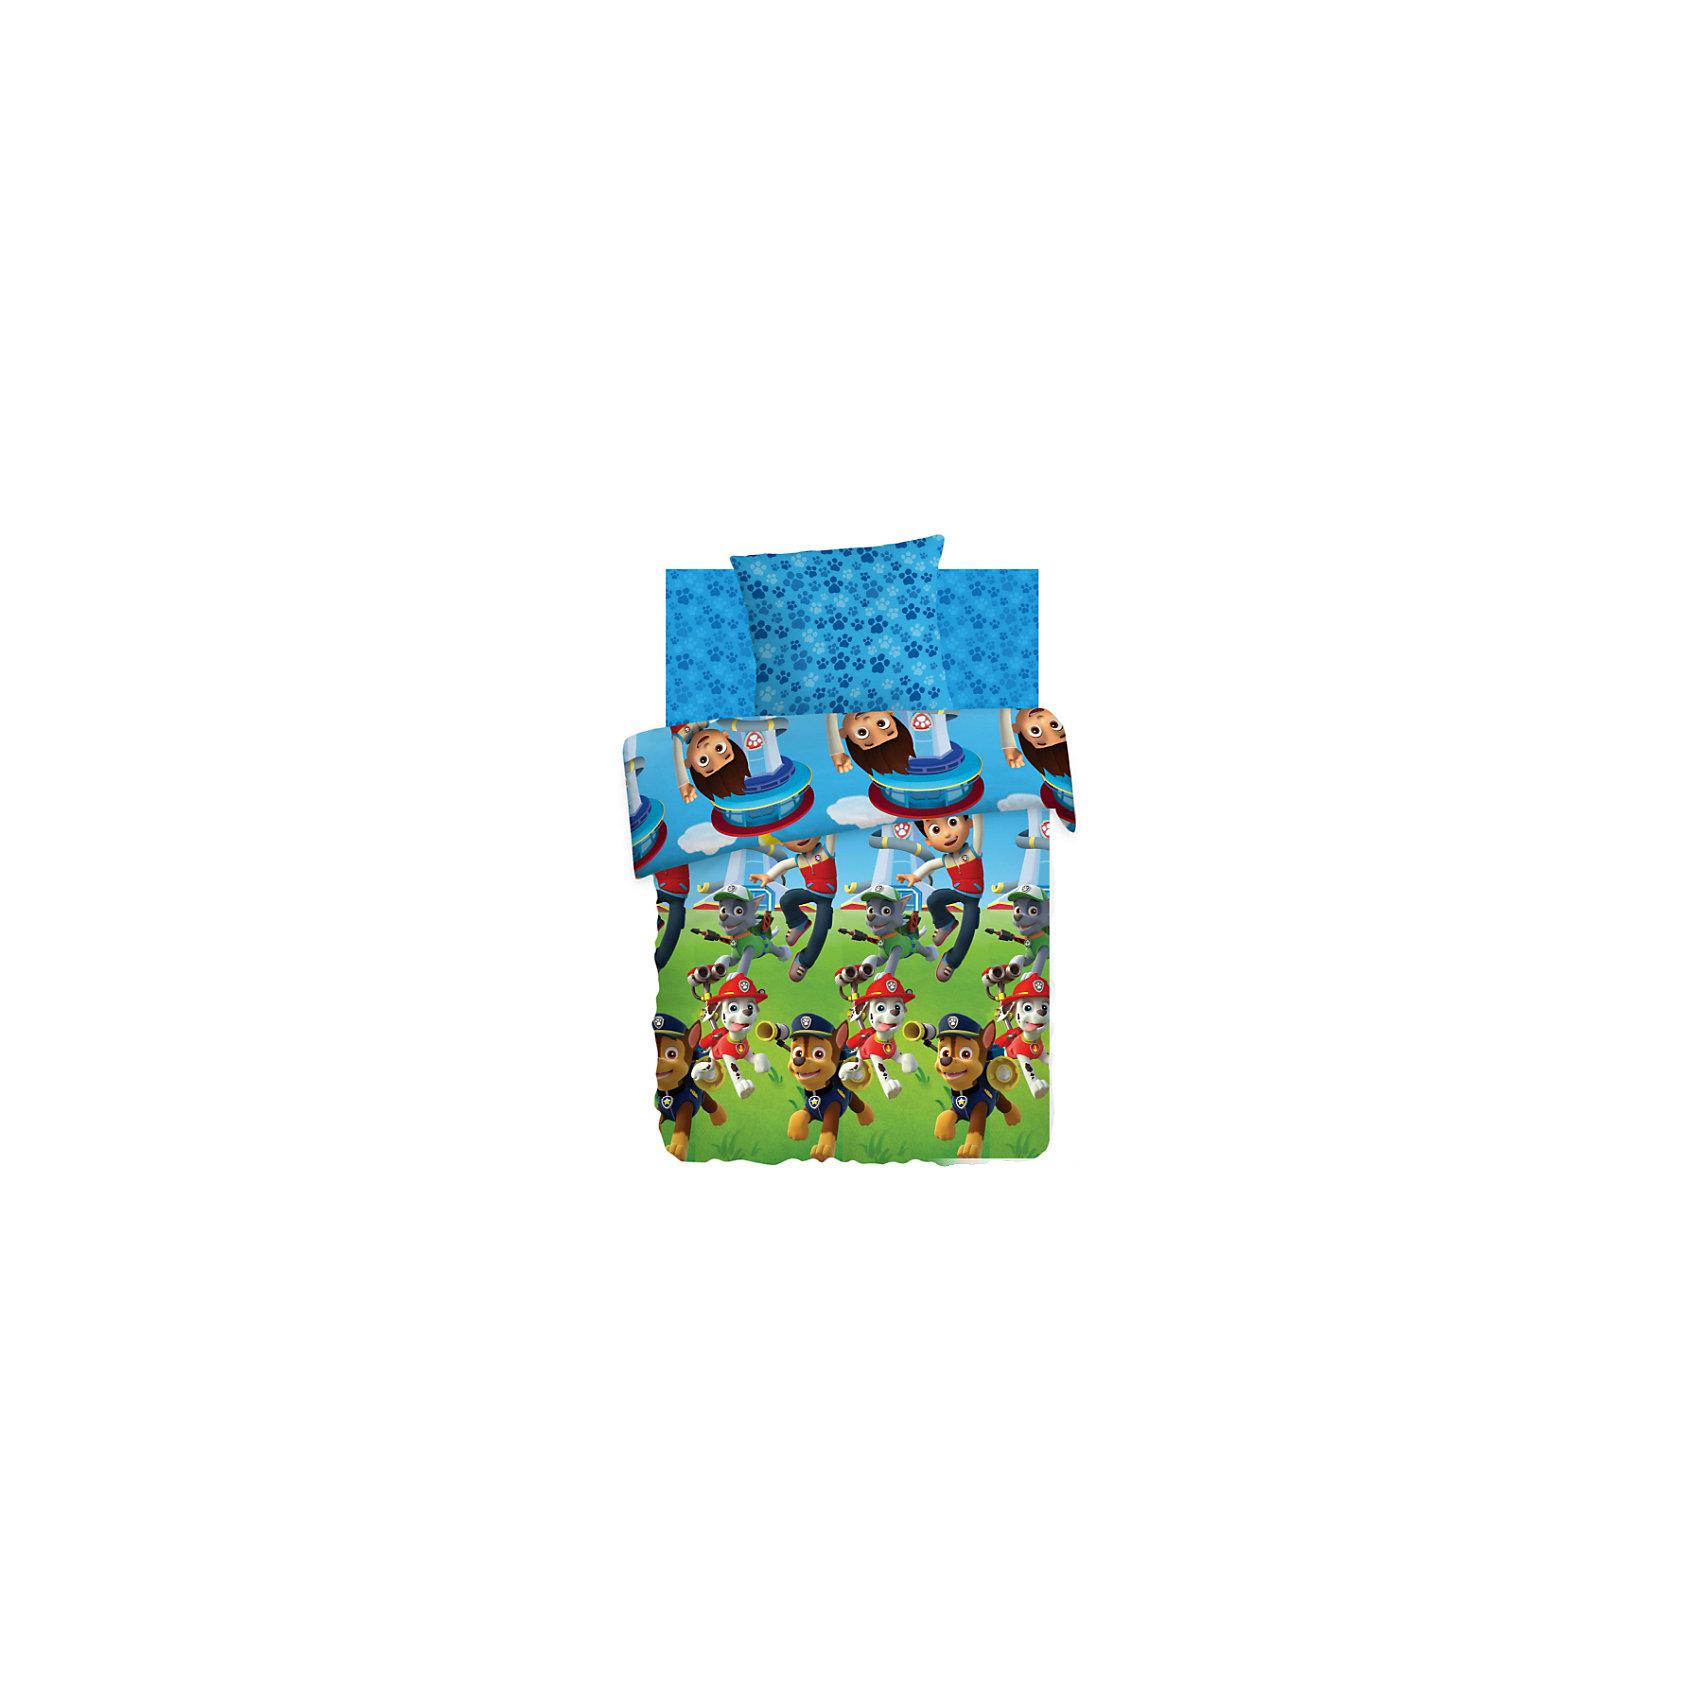 Постельное белье 1,5 Райдер и щенки, хлопок, Щенячий патруль, (70*70)